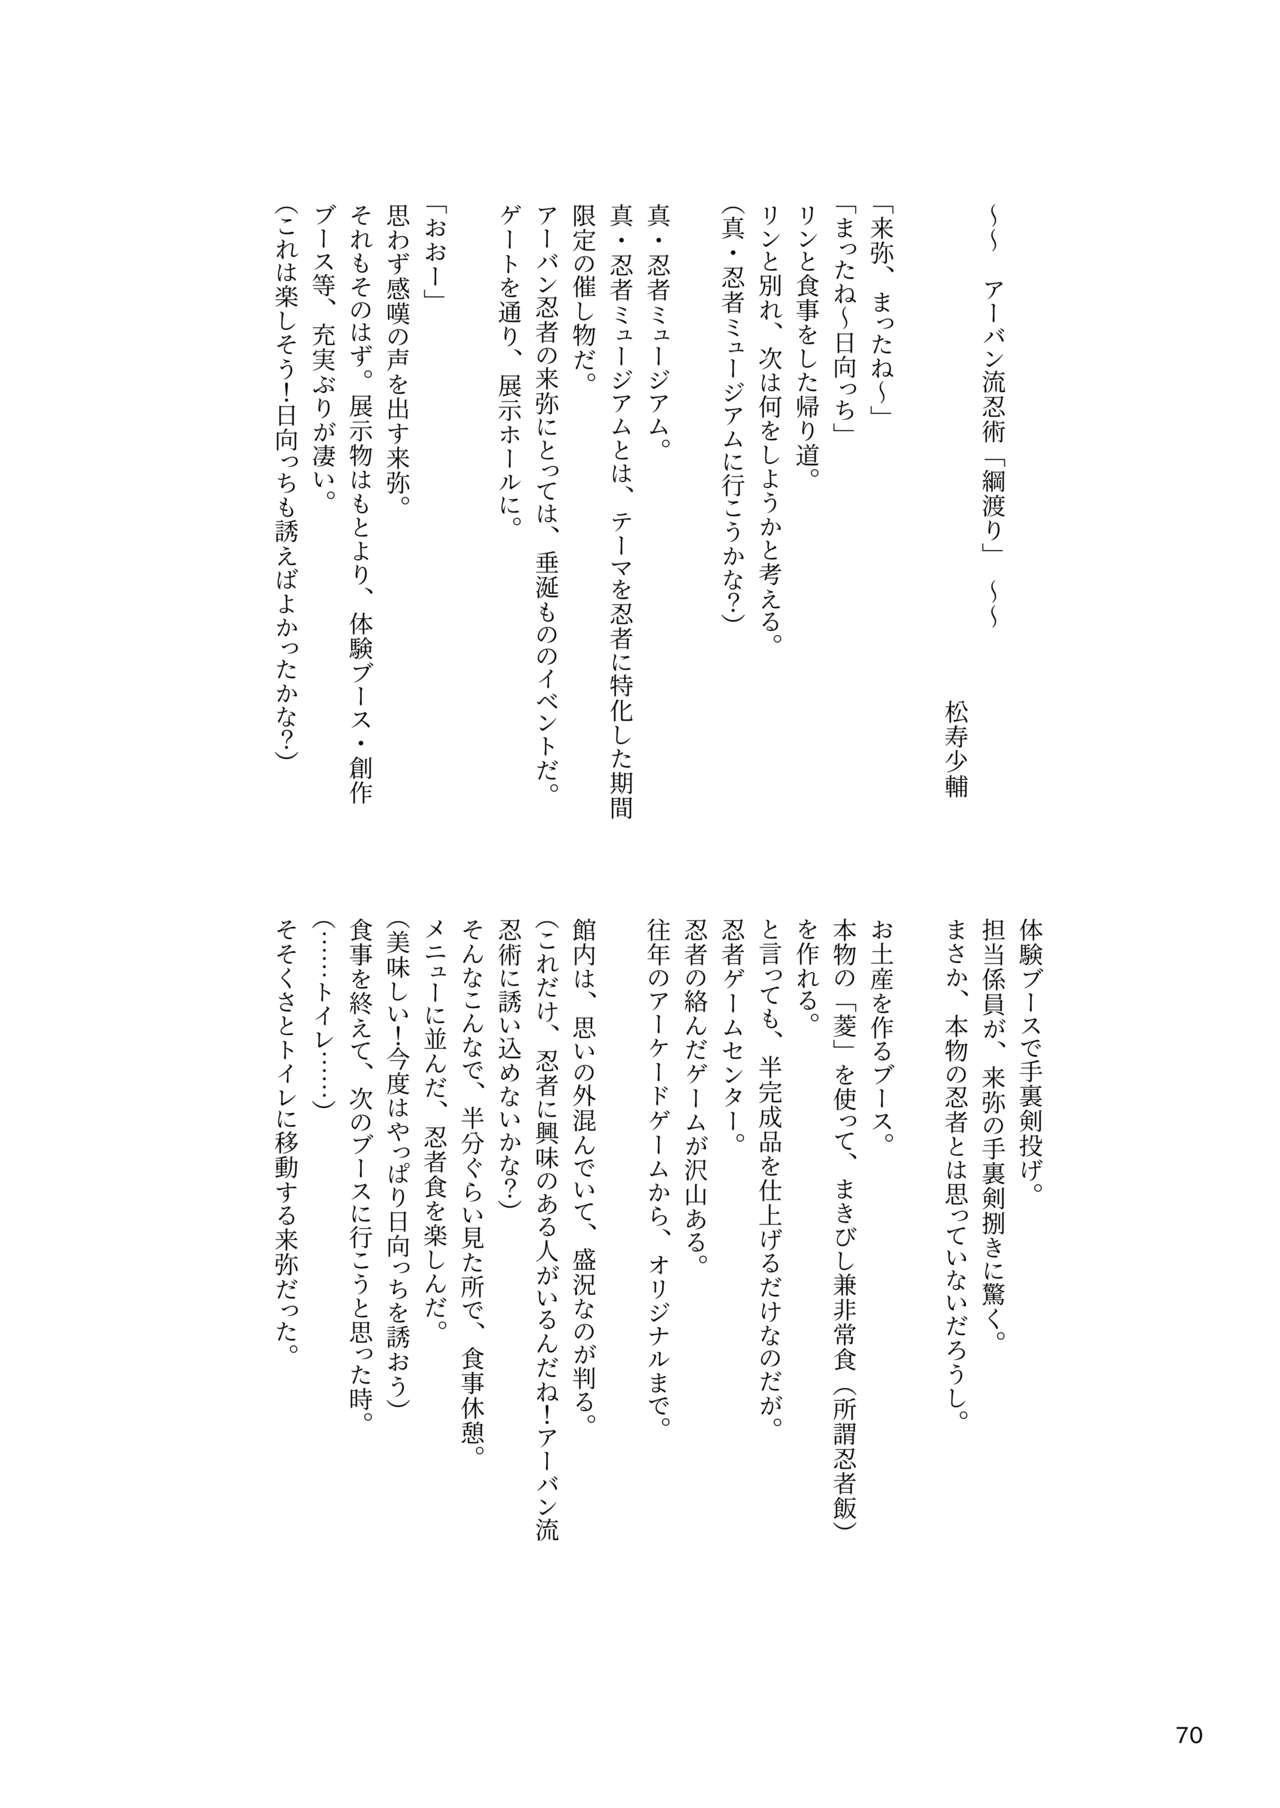 ア○スギア総合スカトロアンソロジー アクトレス排泄実態調査任務~スカポためるっすか!?~ 69